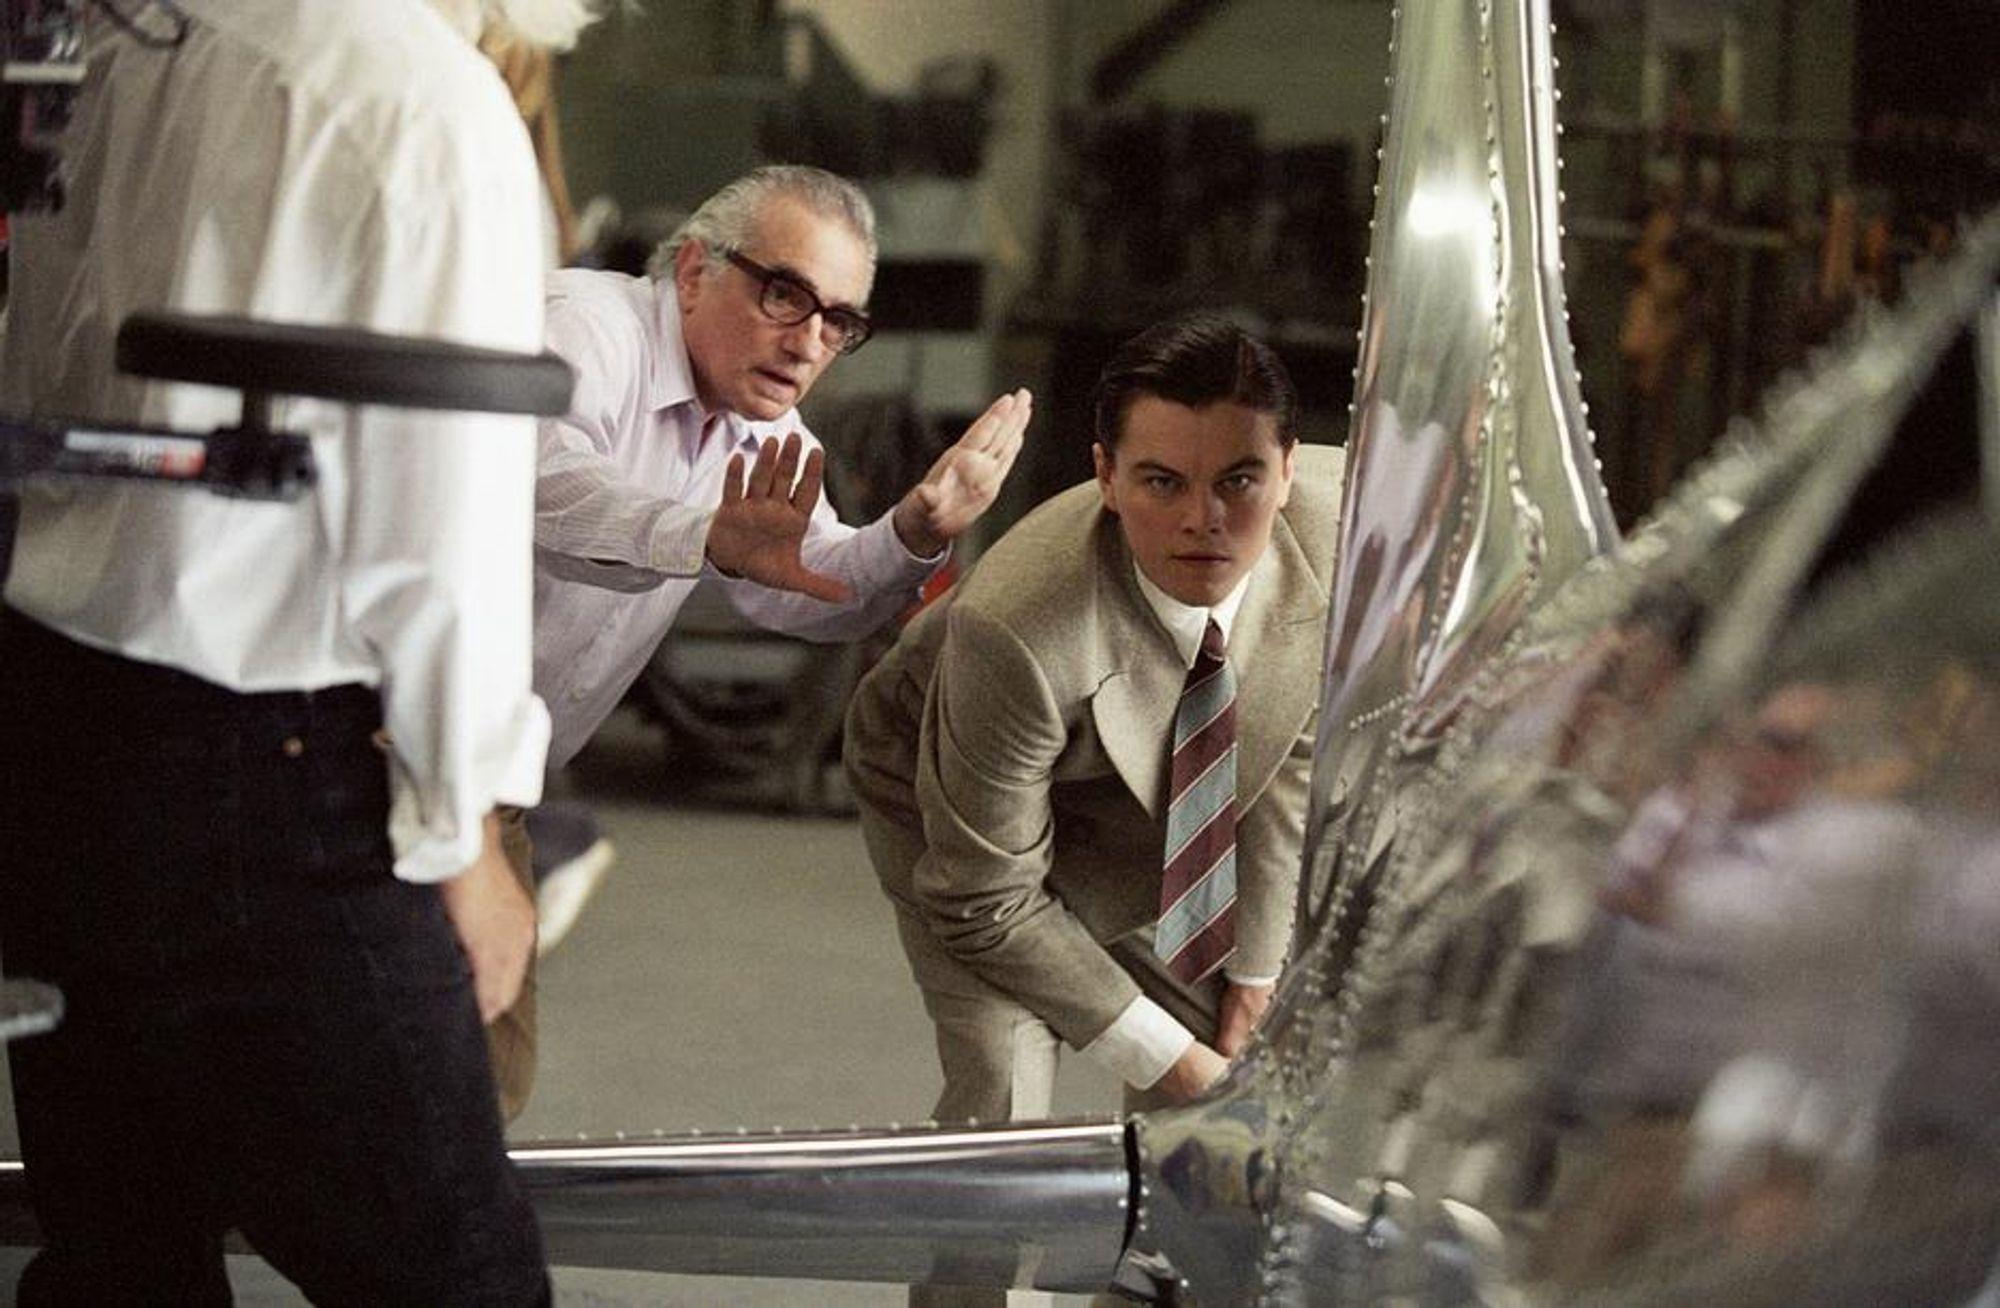 MODELLFLY: Regissør Martin Scorsese valgte tradisjonelle modeller fremfor digitalge rekonstruksjoner av flyene da han laget filmen om Howard Hughes. Her instruerer regissøren Leonardo DiCaprio. Foto/Copyright: Nordisk Film